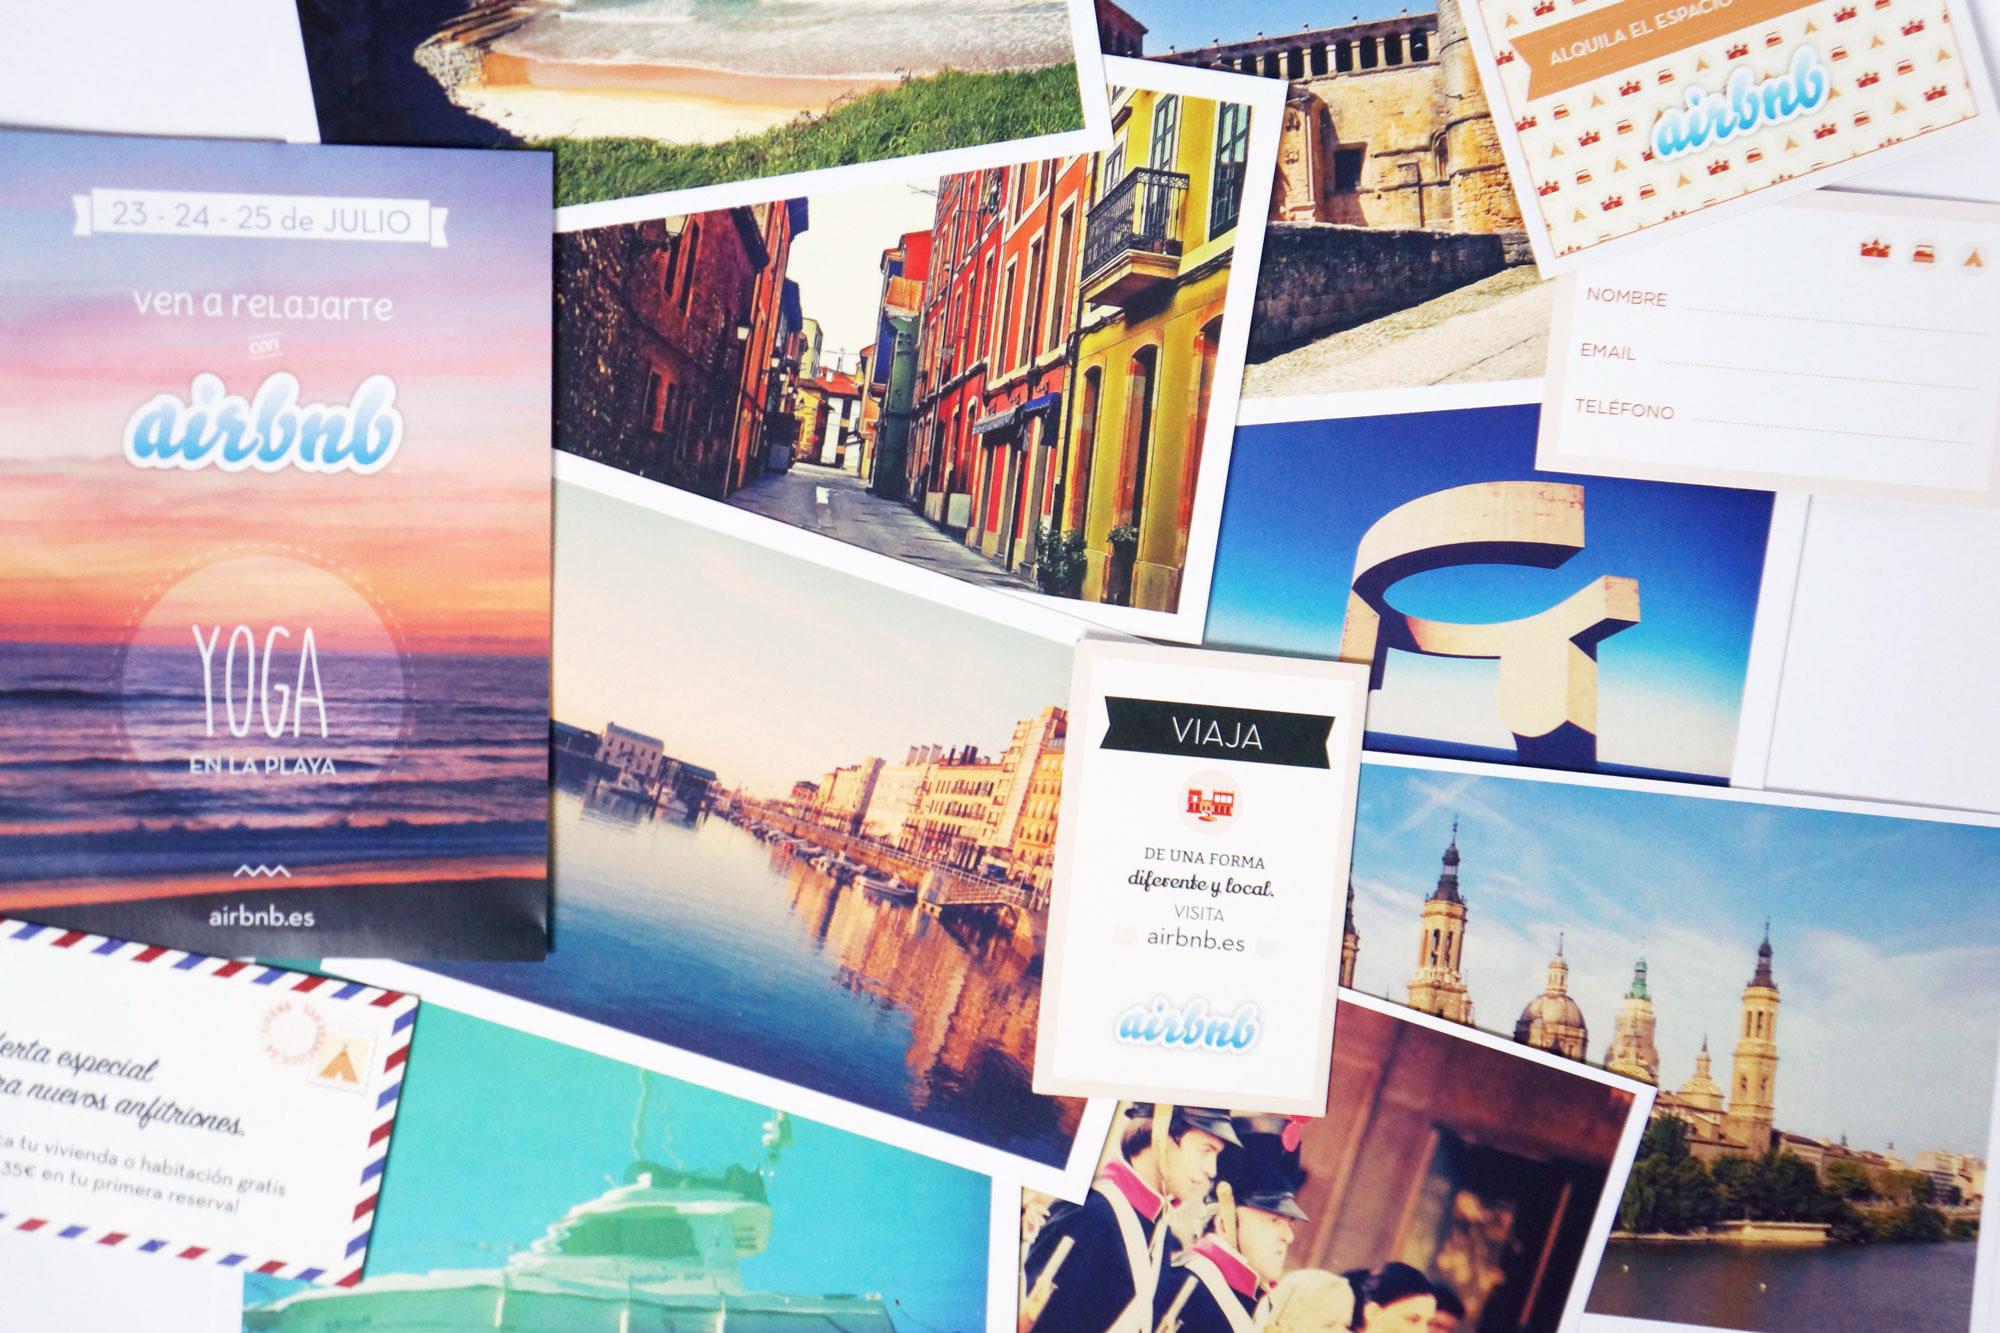 Airbnb verano 02